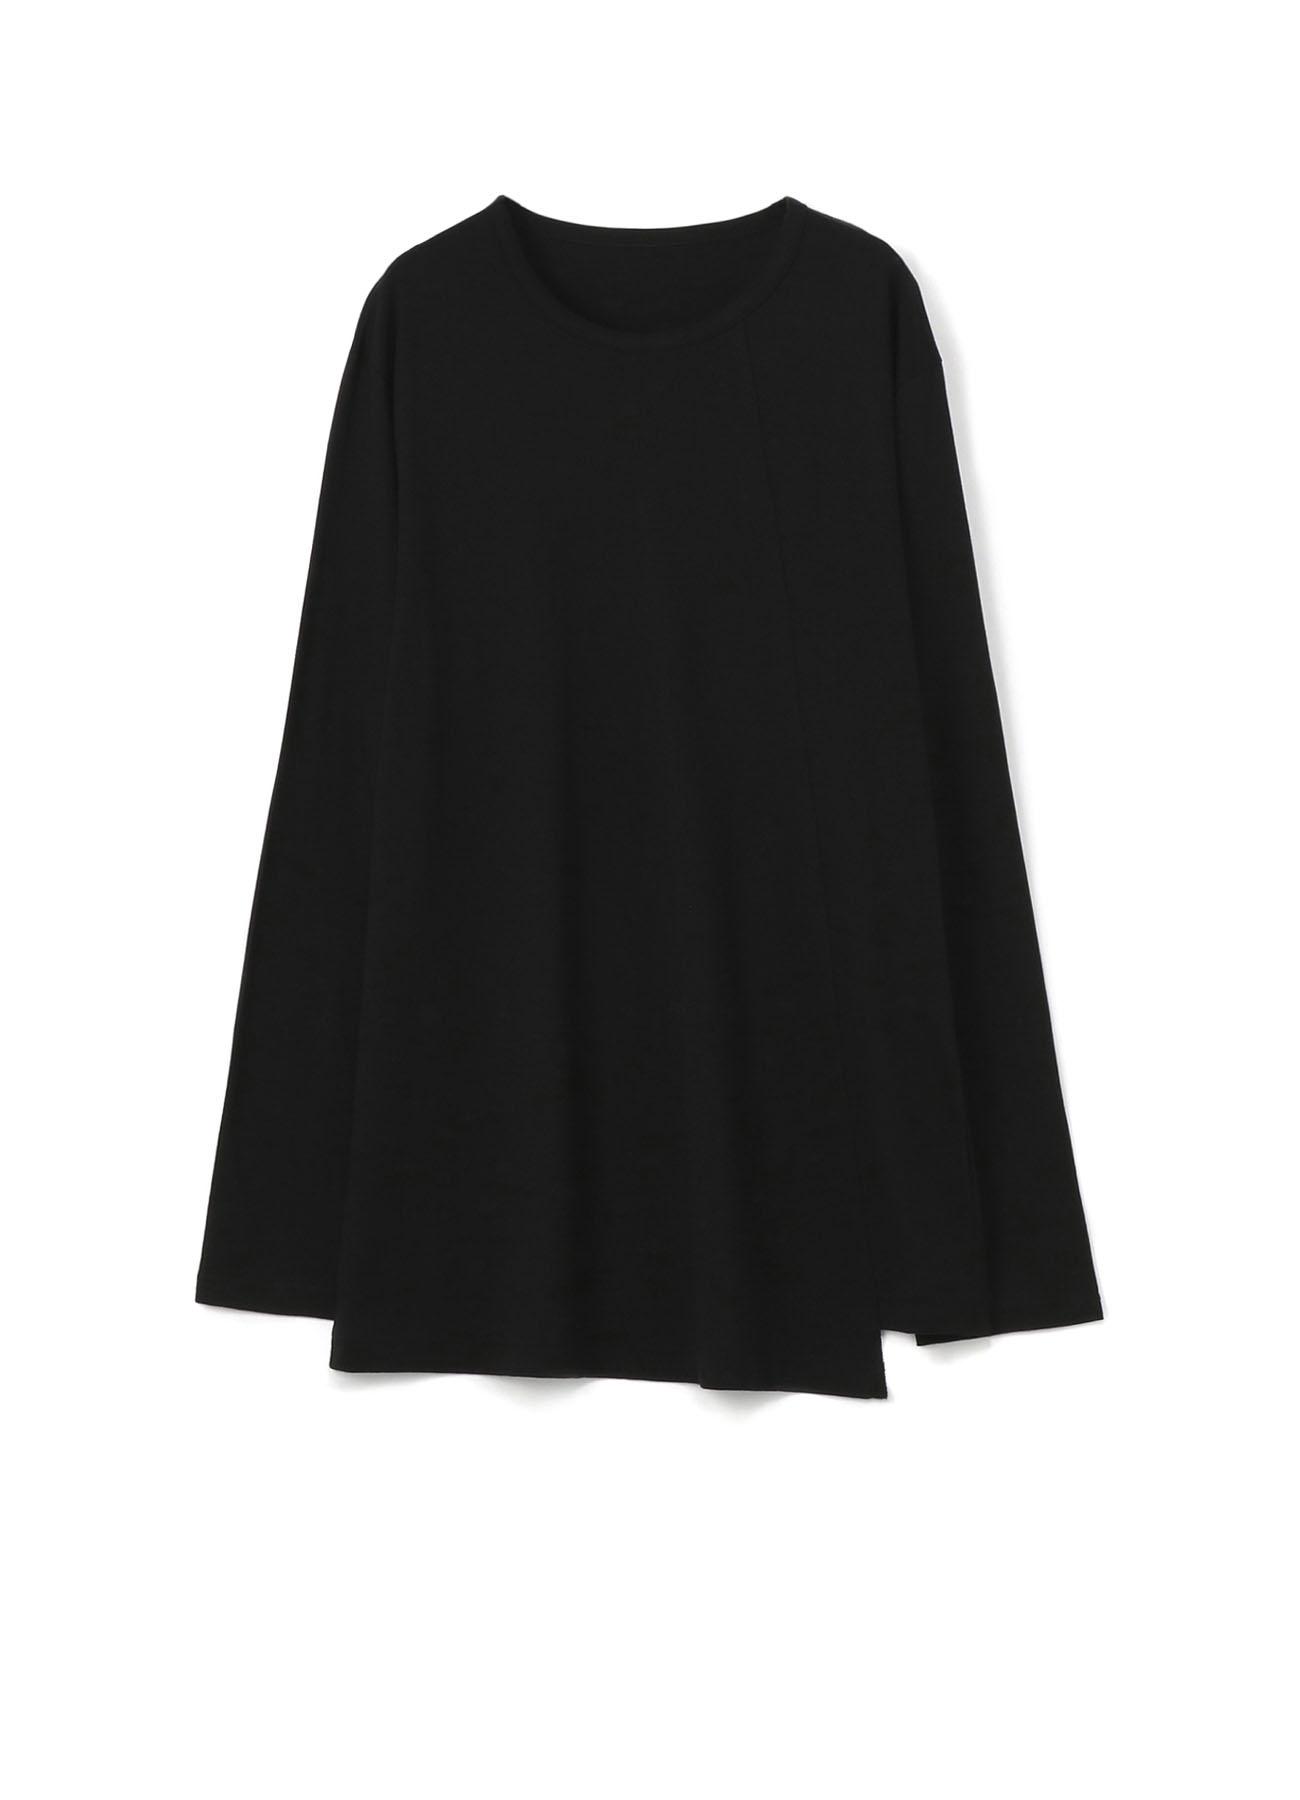 モダール天竺 裾段違い長袖カットソー